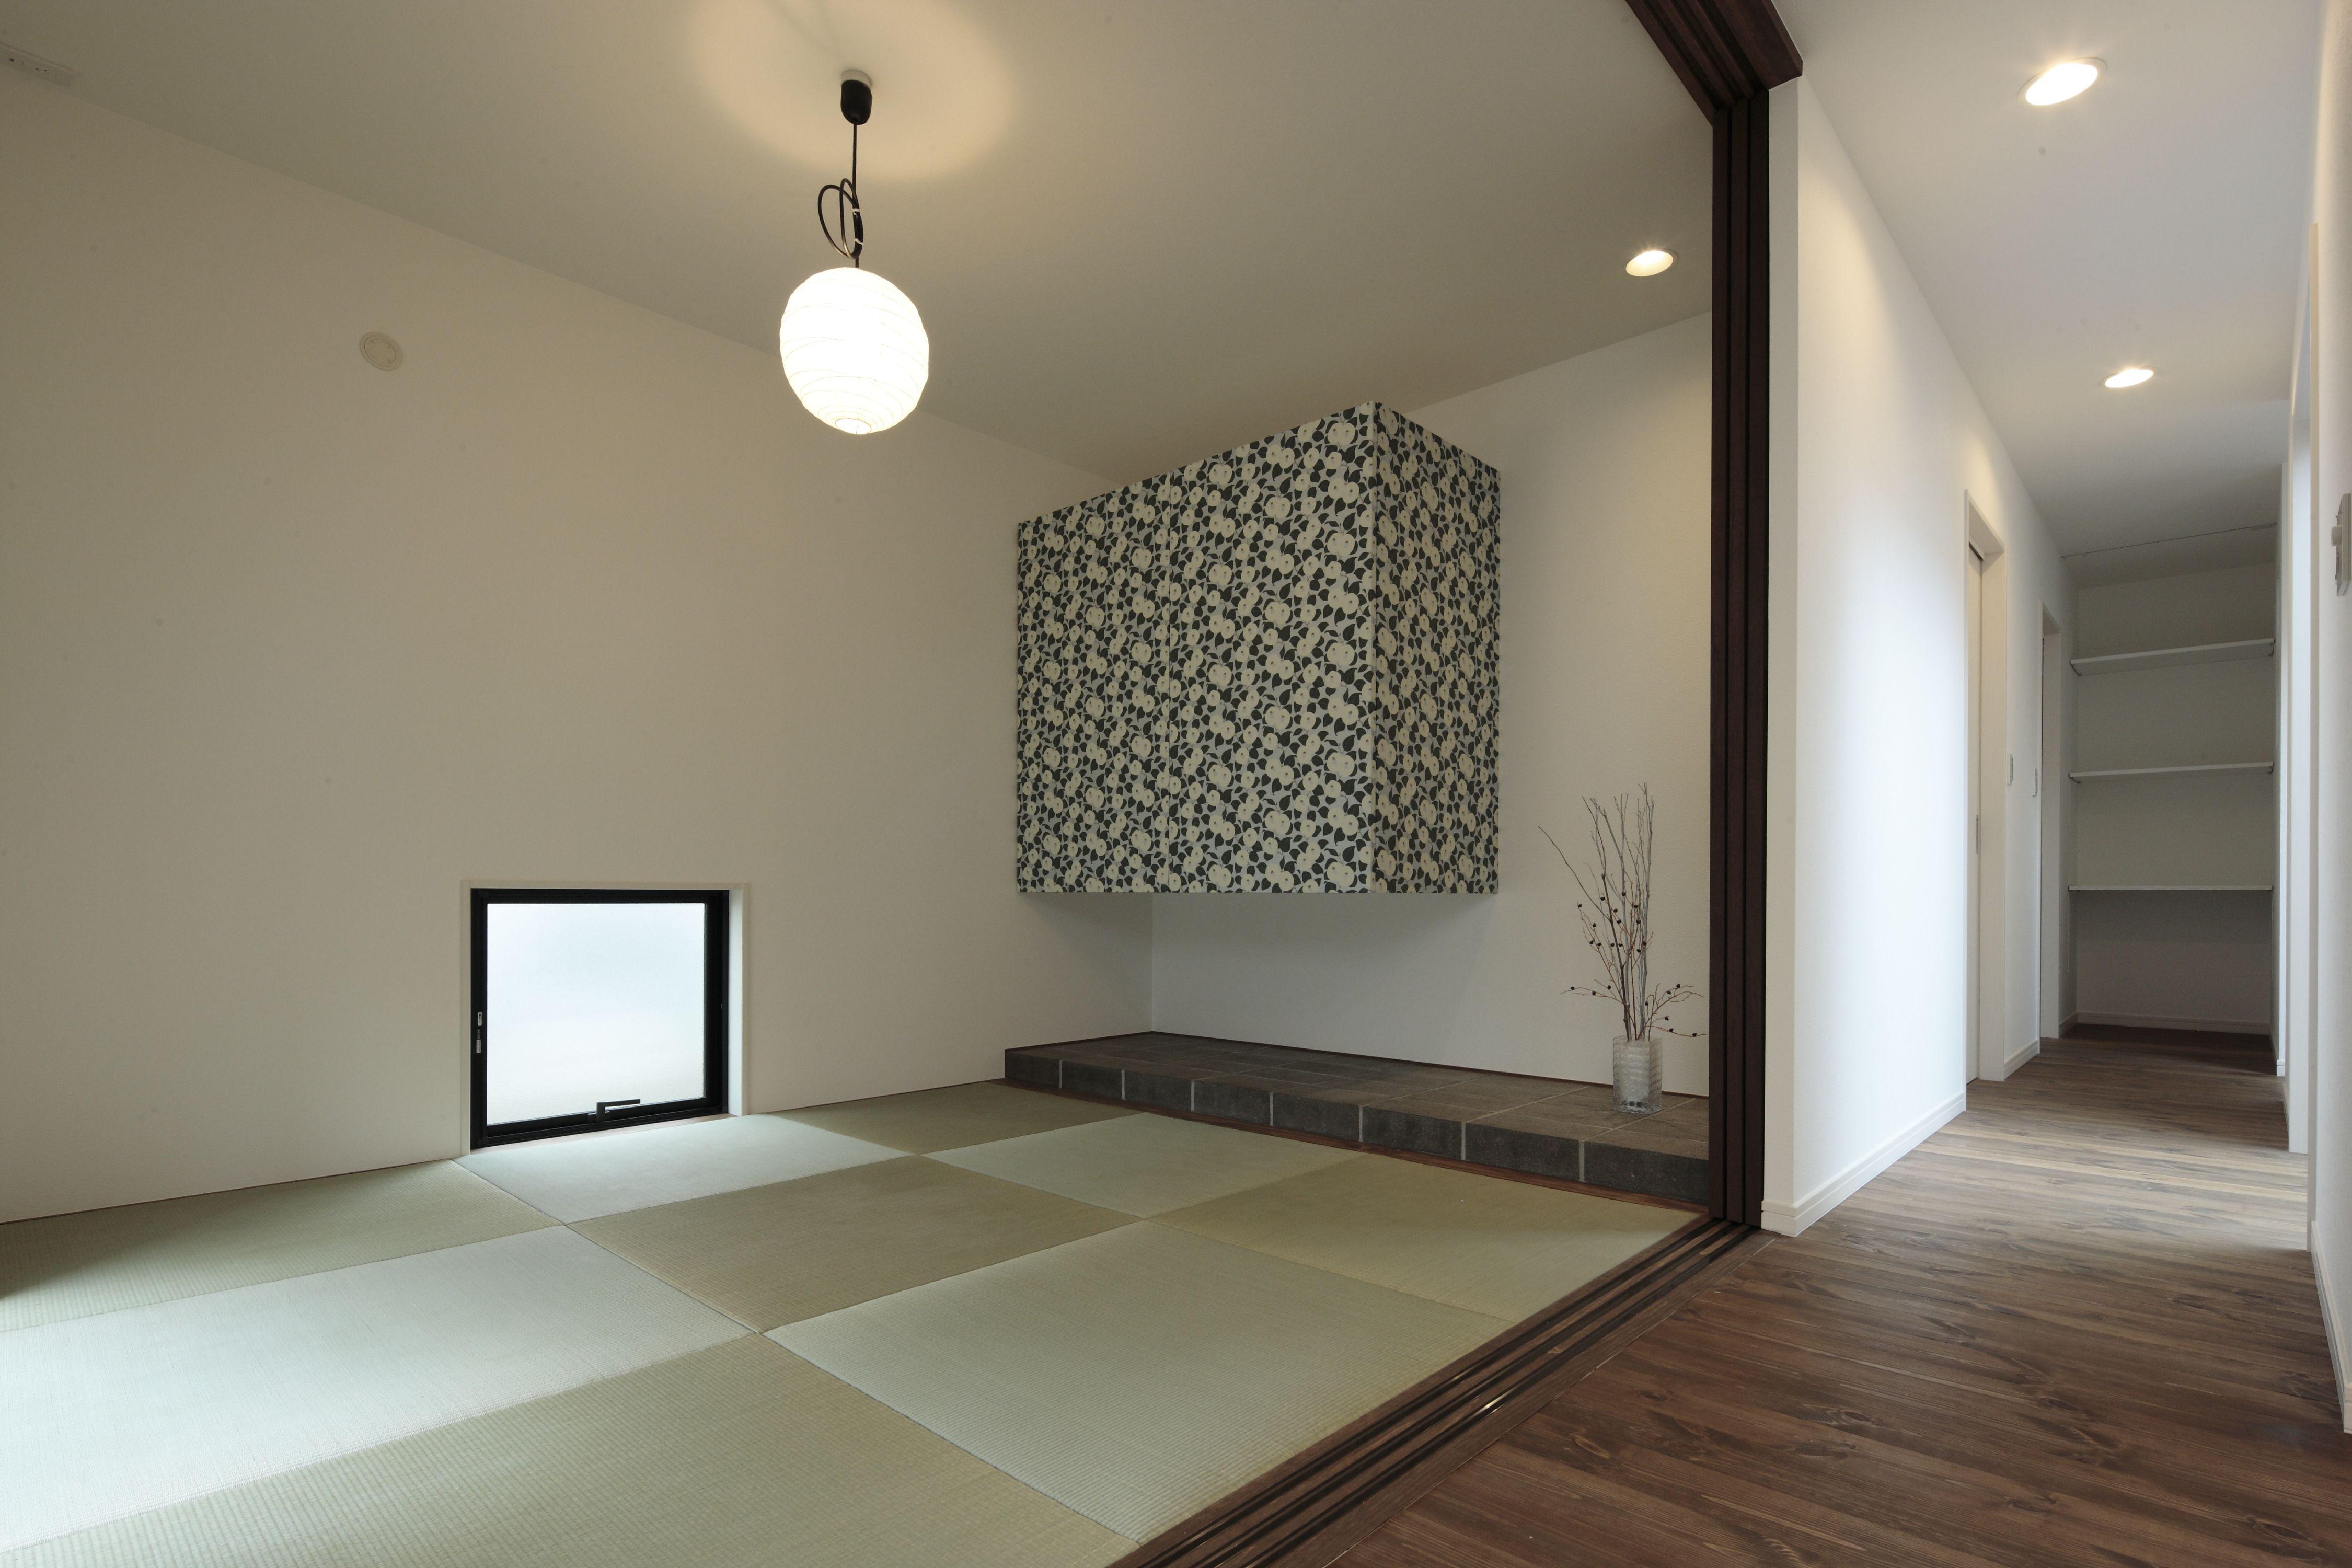 池下建設が自社で造った家具です。 収納棚